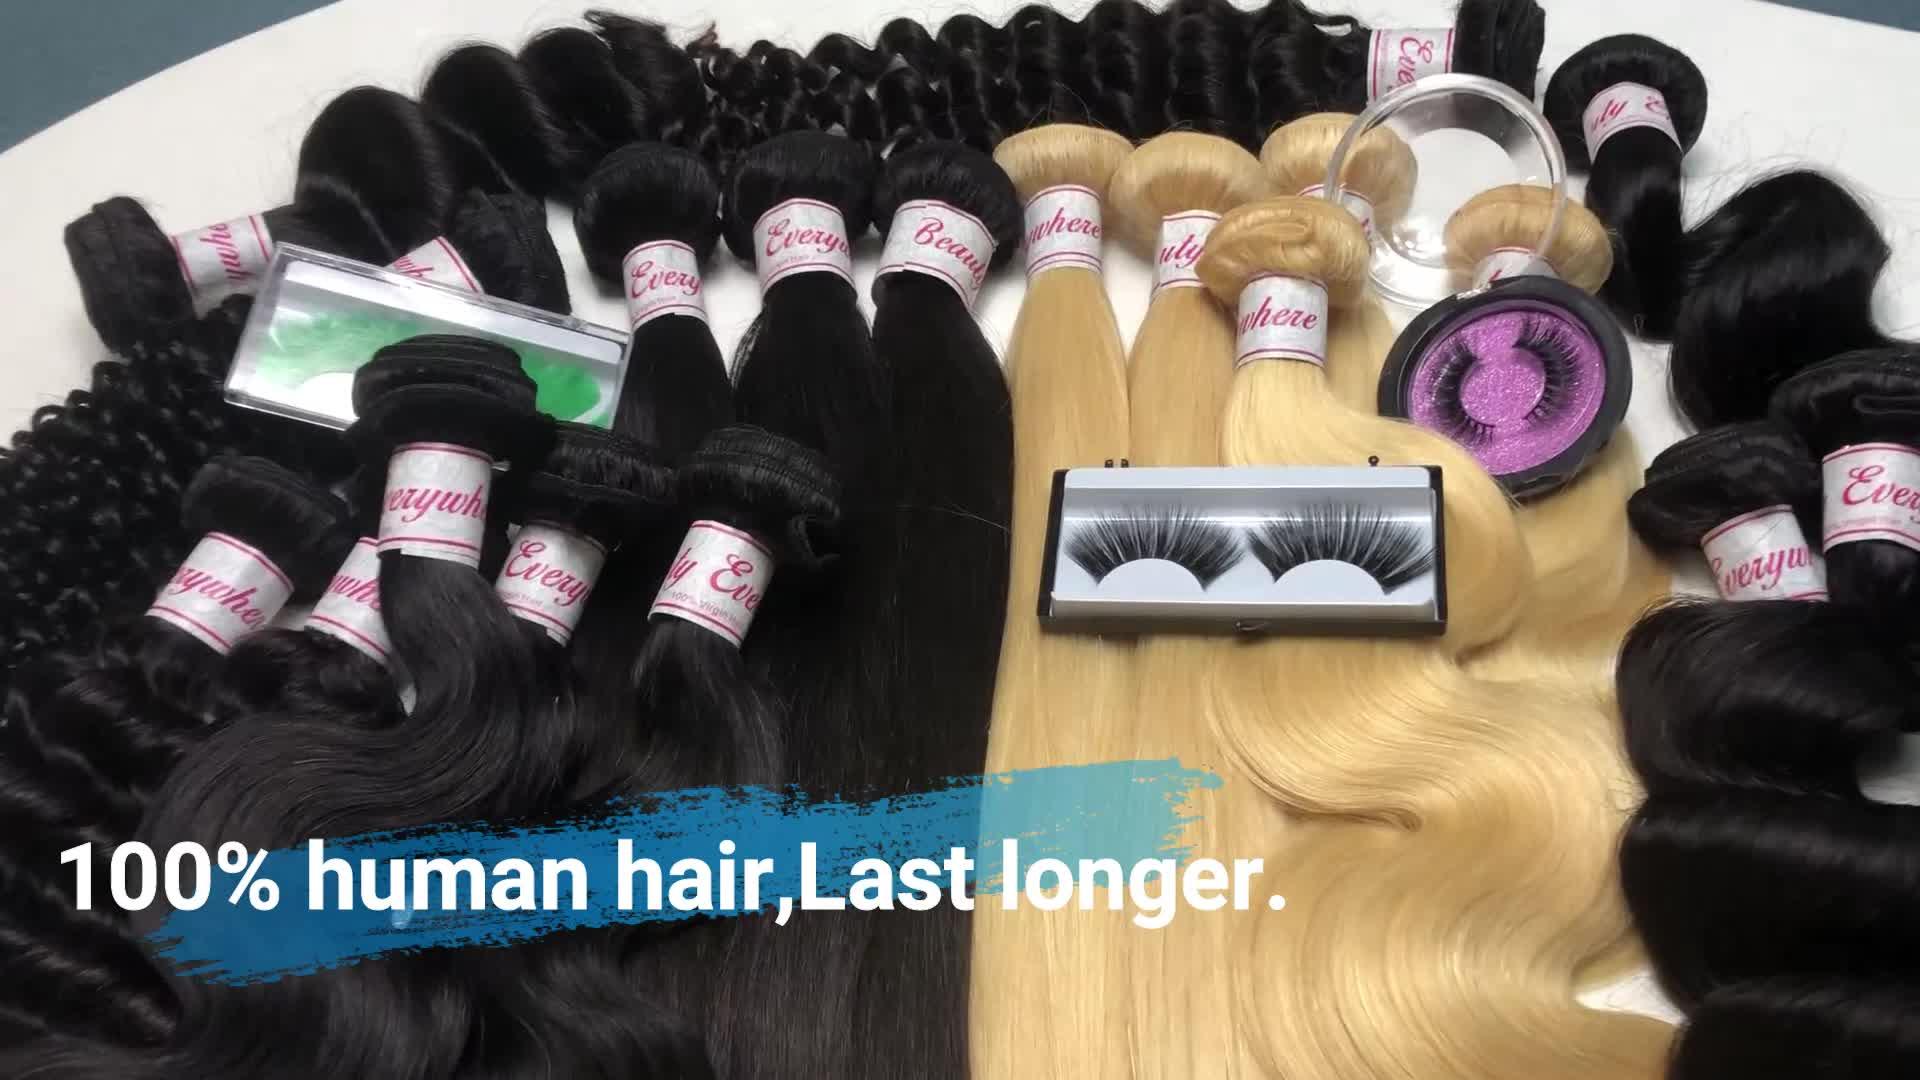 Xbl Goedkope Groothandel Maagd Haarverlenging, Gratis Wimpers Gratis Monster Cuticula Uitgelijnd Raw Virgin Haar, 100% Braziliaanse Bundels